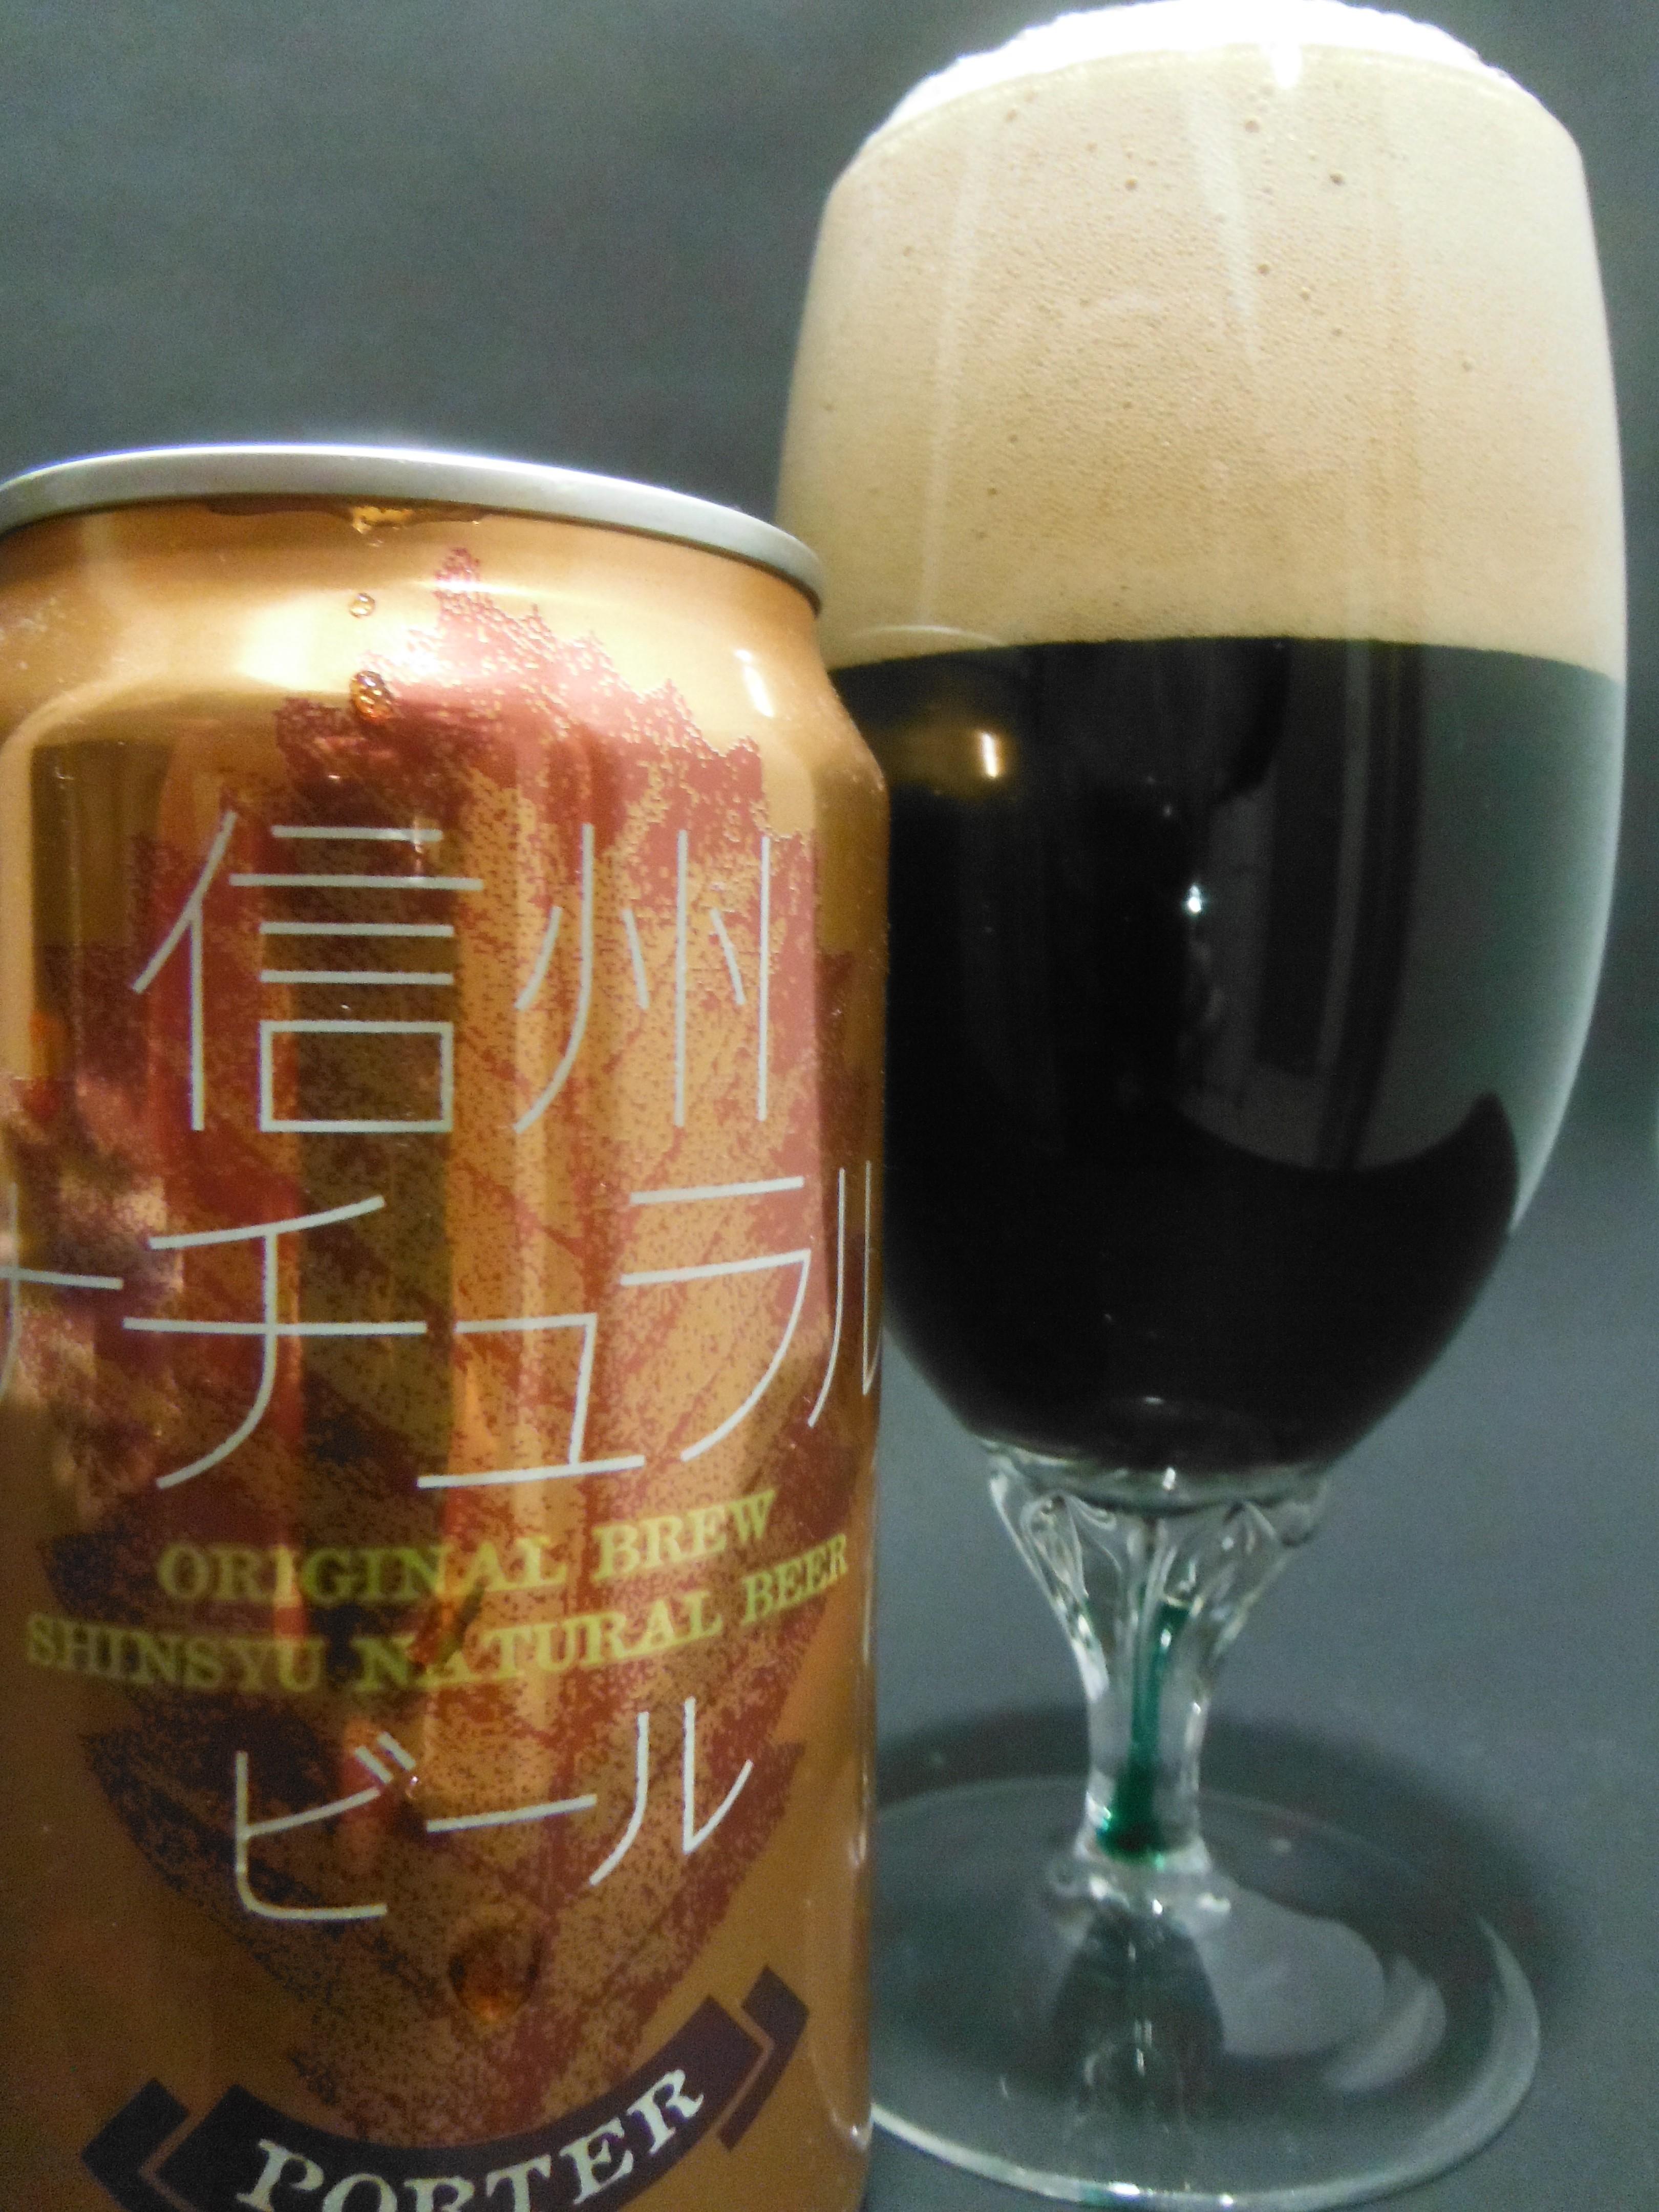 綺麗なグラスに注いだ信州ナチュラルビール ポーター